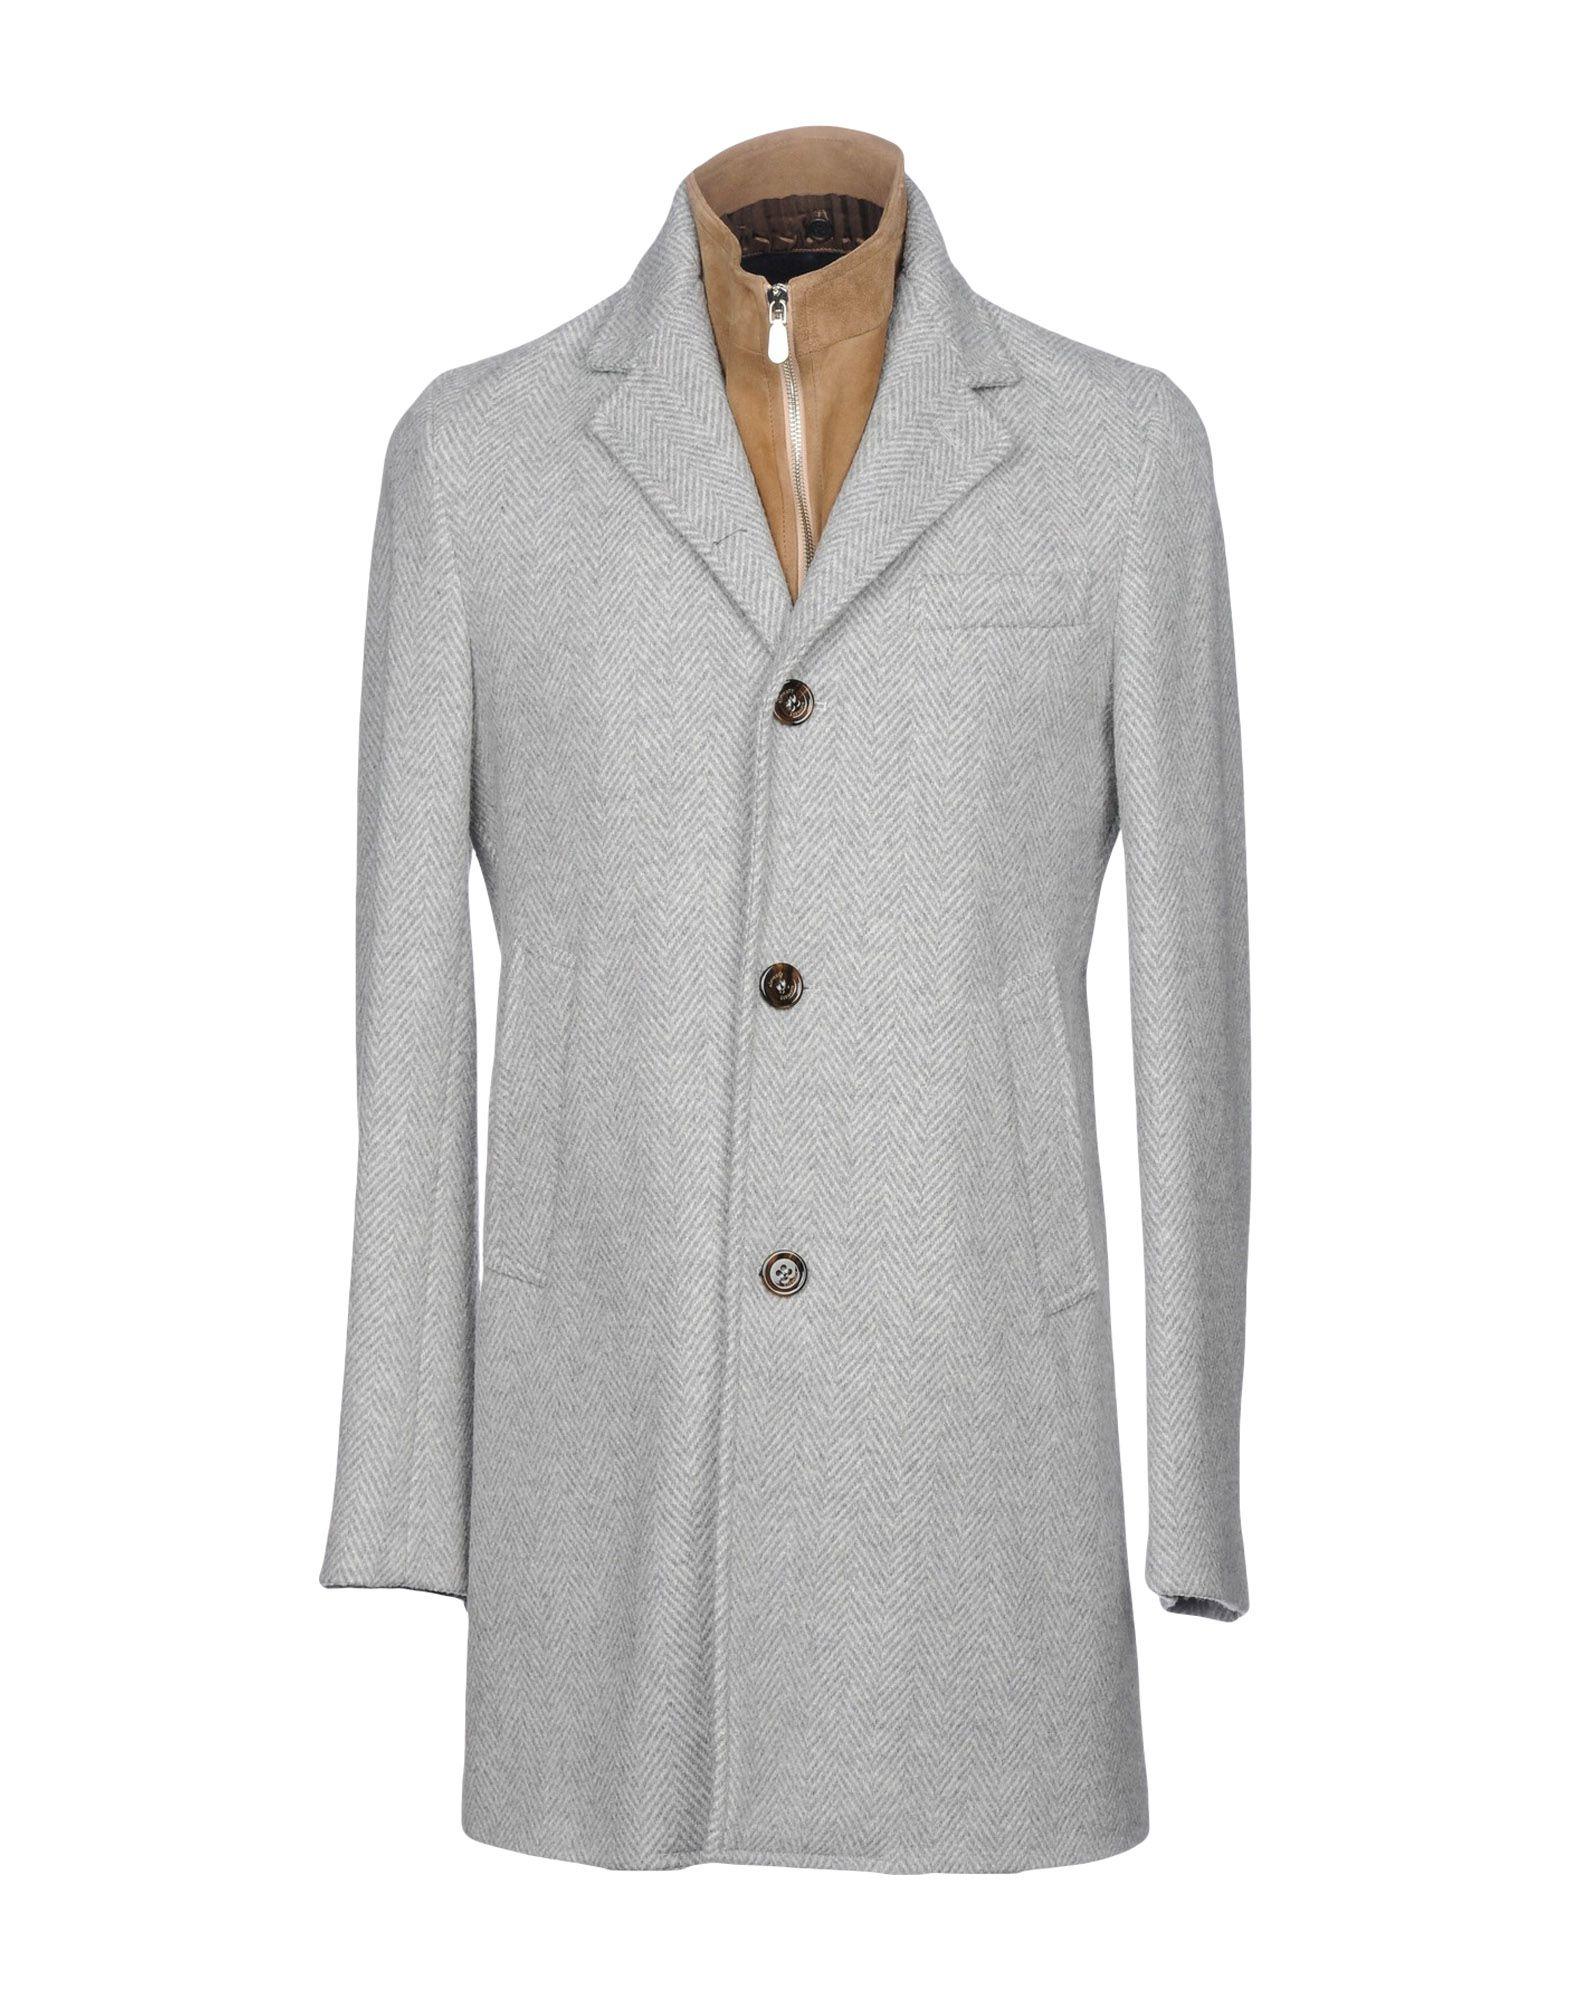 《送料無料》ELEVENTY メンズ コート ライトグレー 50 62% バージンウール 32% ナイロン 6% アクリル